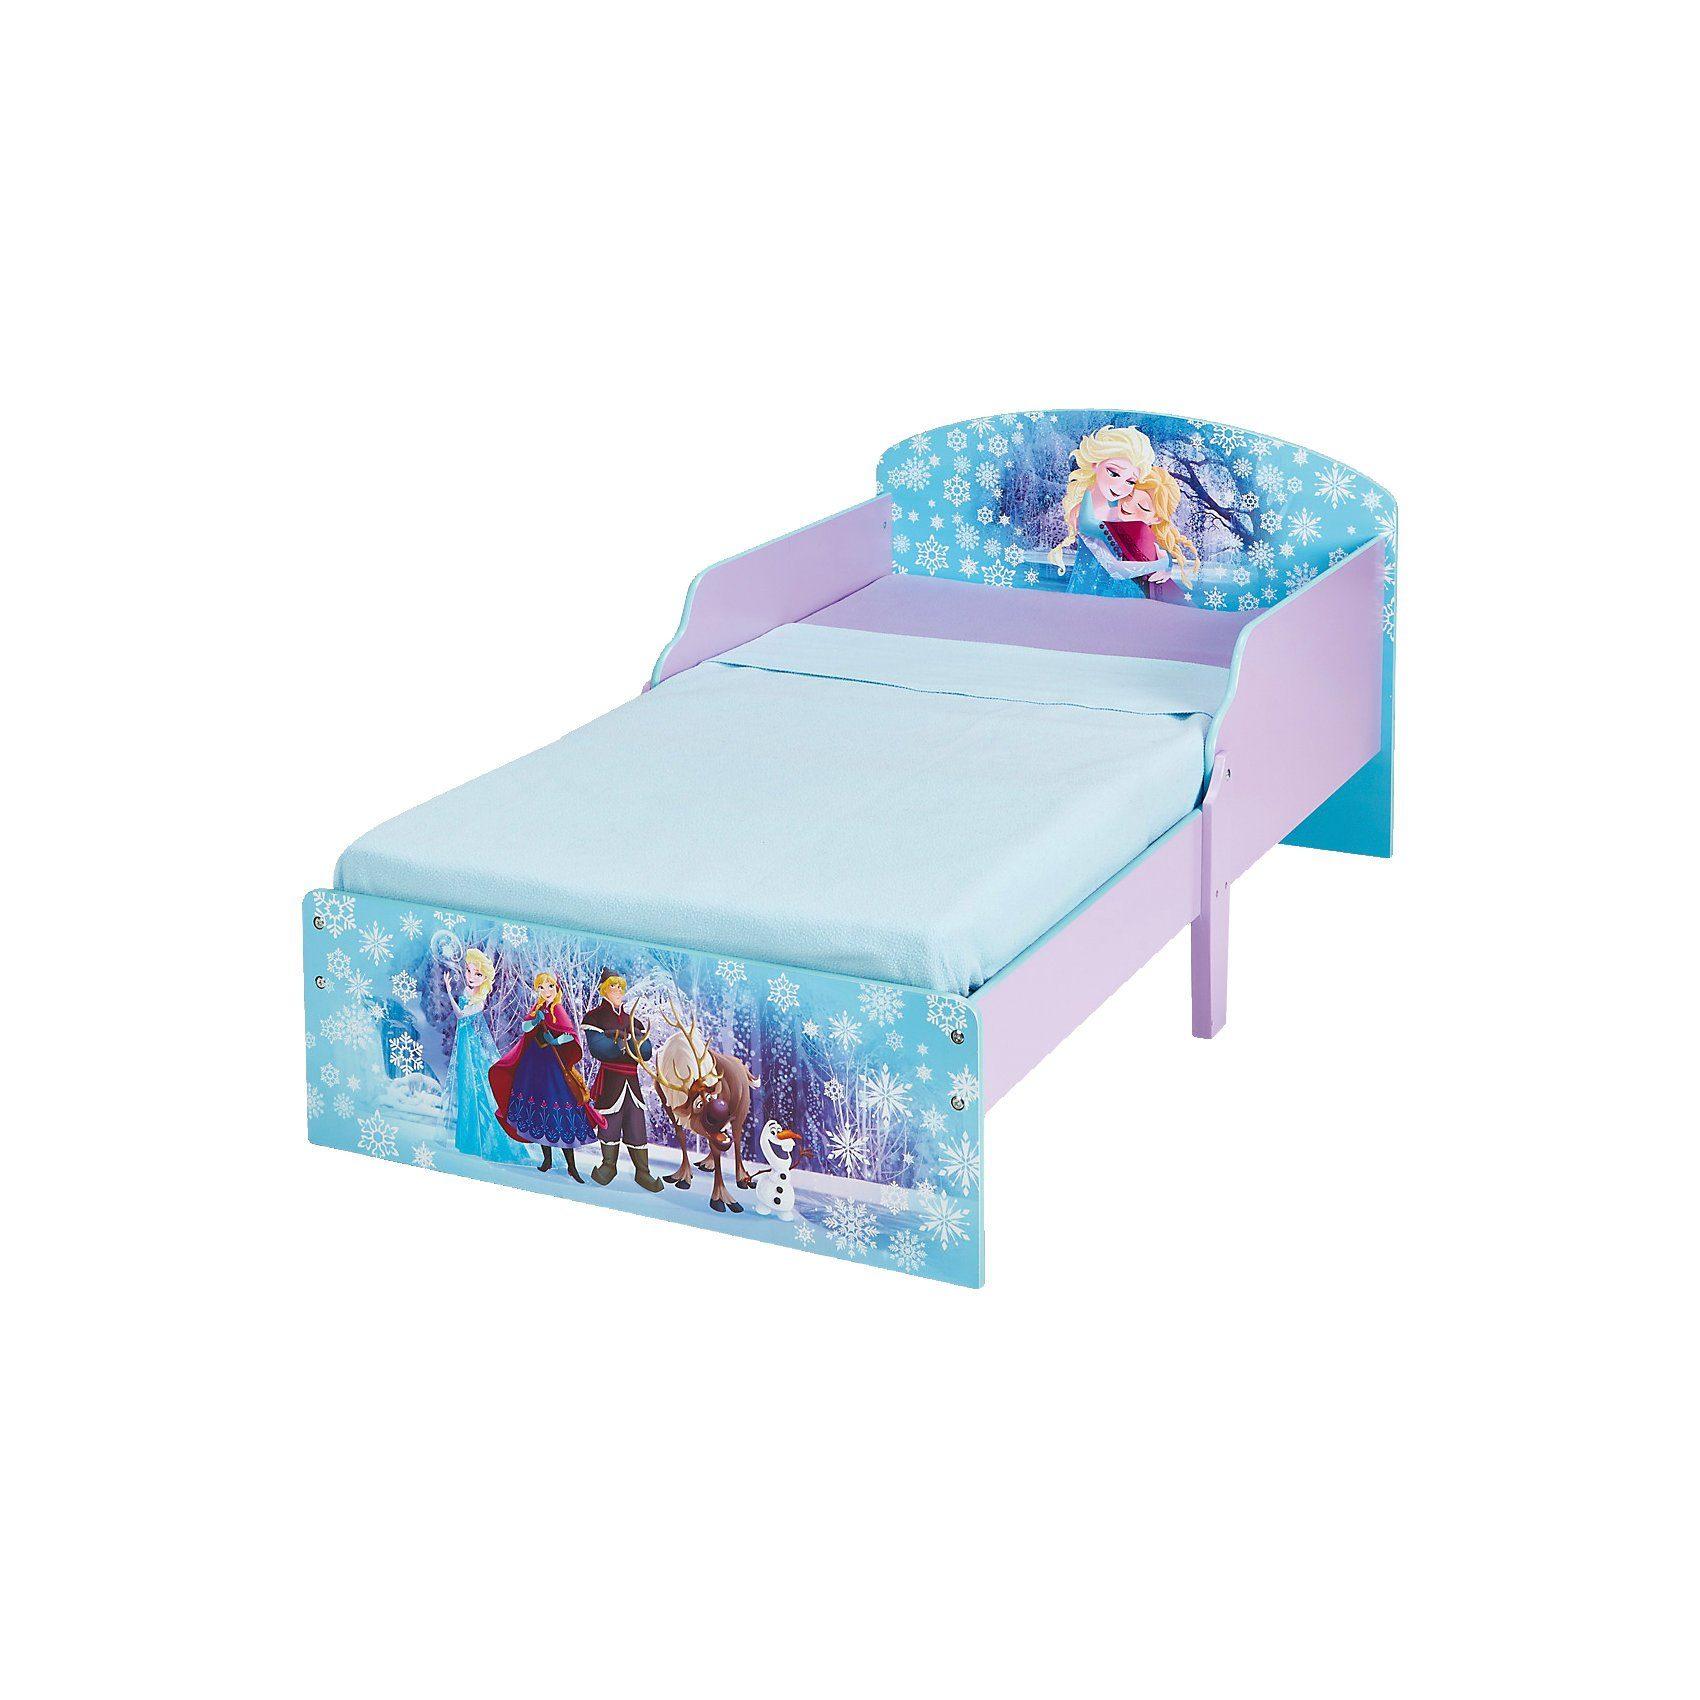 WORLDS APART Kinderbett, Die Eiskönigin, 70 x 140 cm